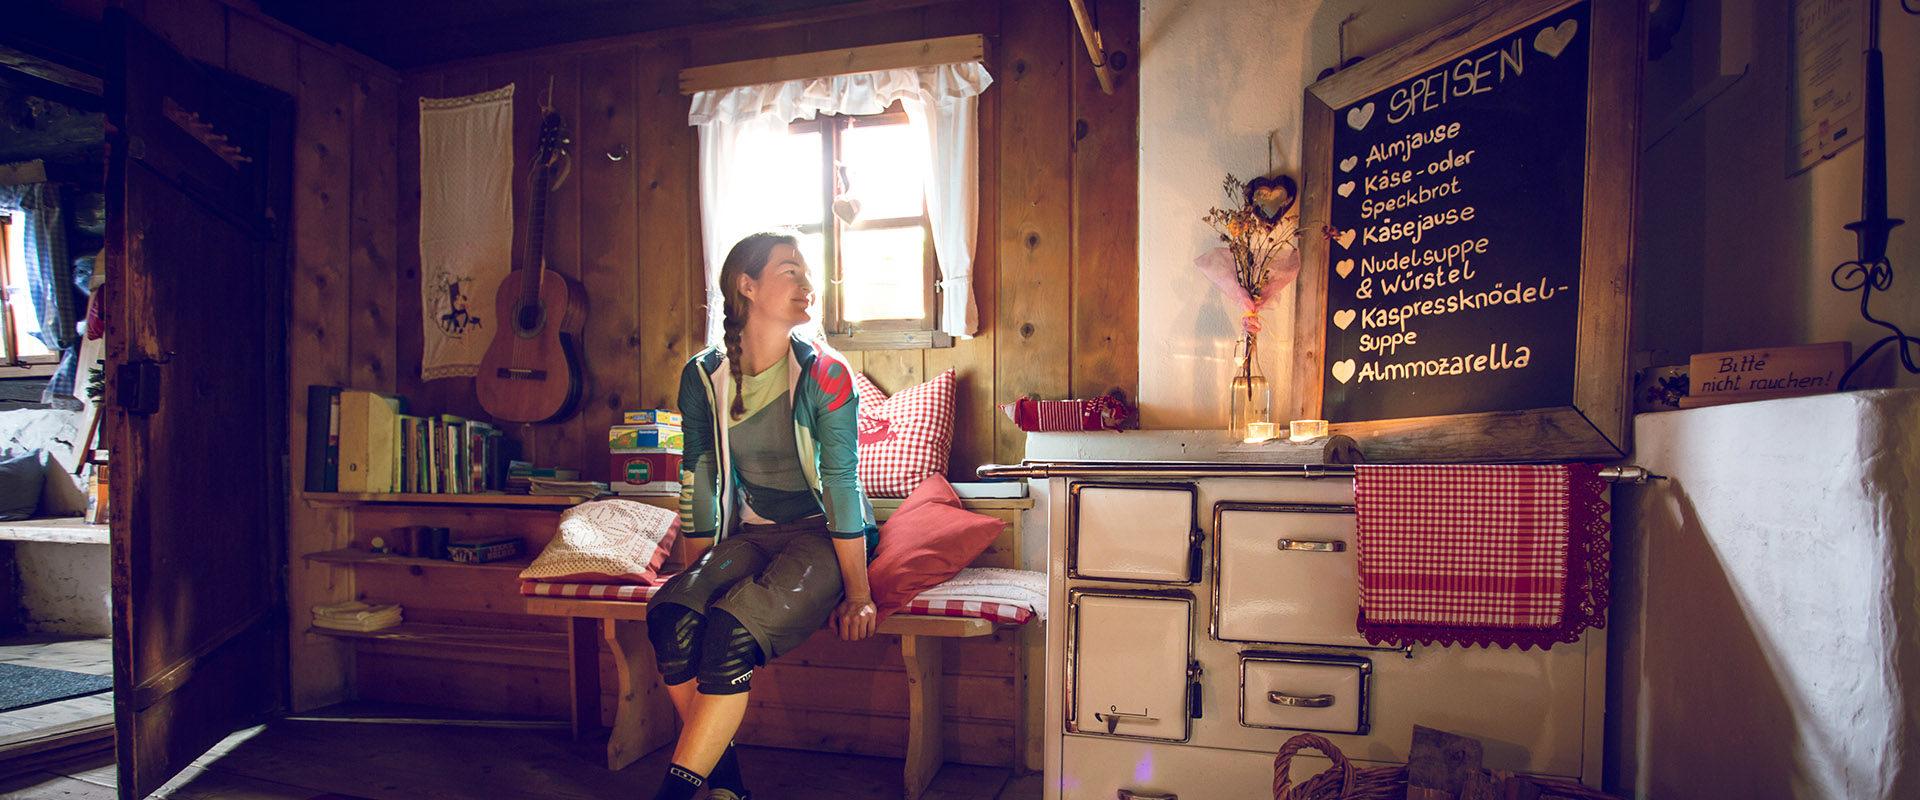 Radfahrerin in Almhütte vor Speißetafel und Radlkleidung in uriger Stube.